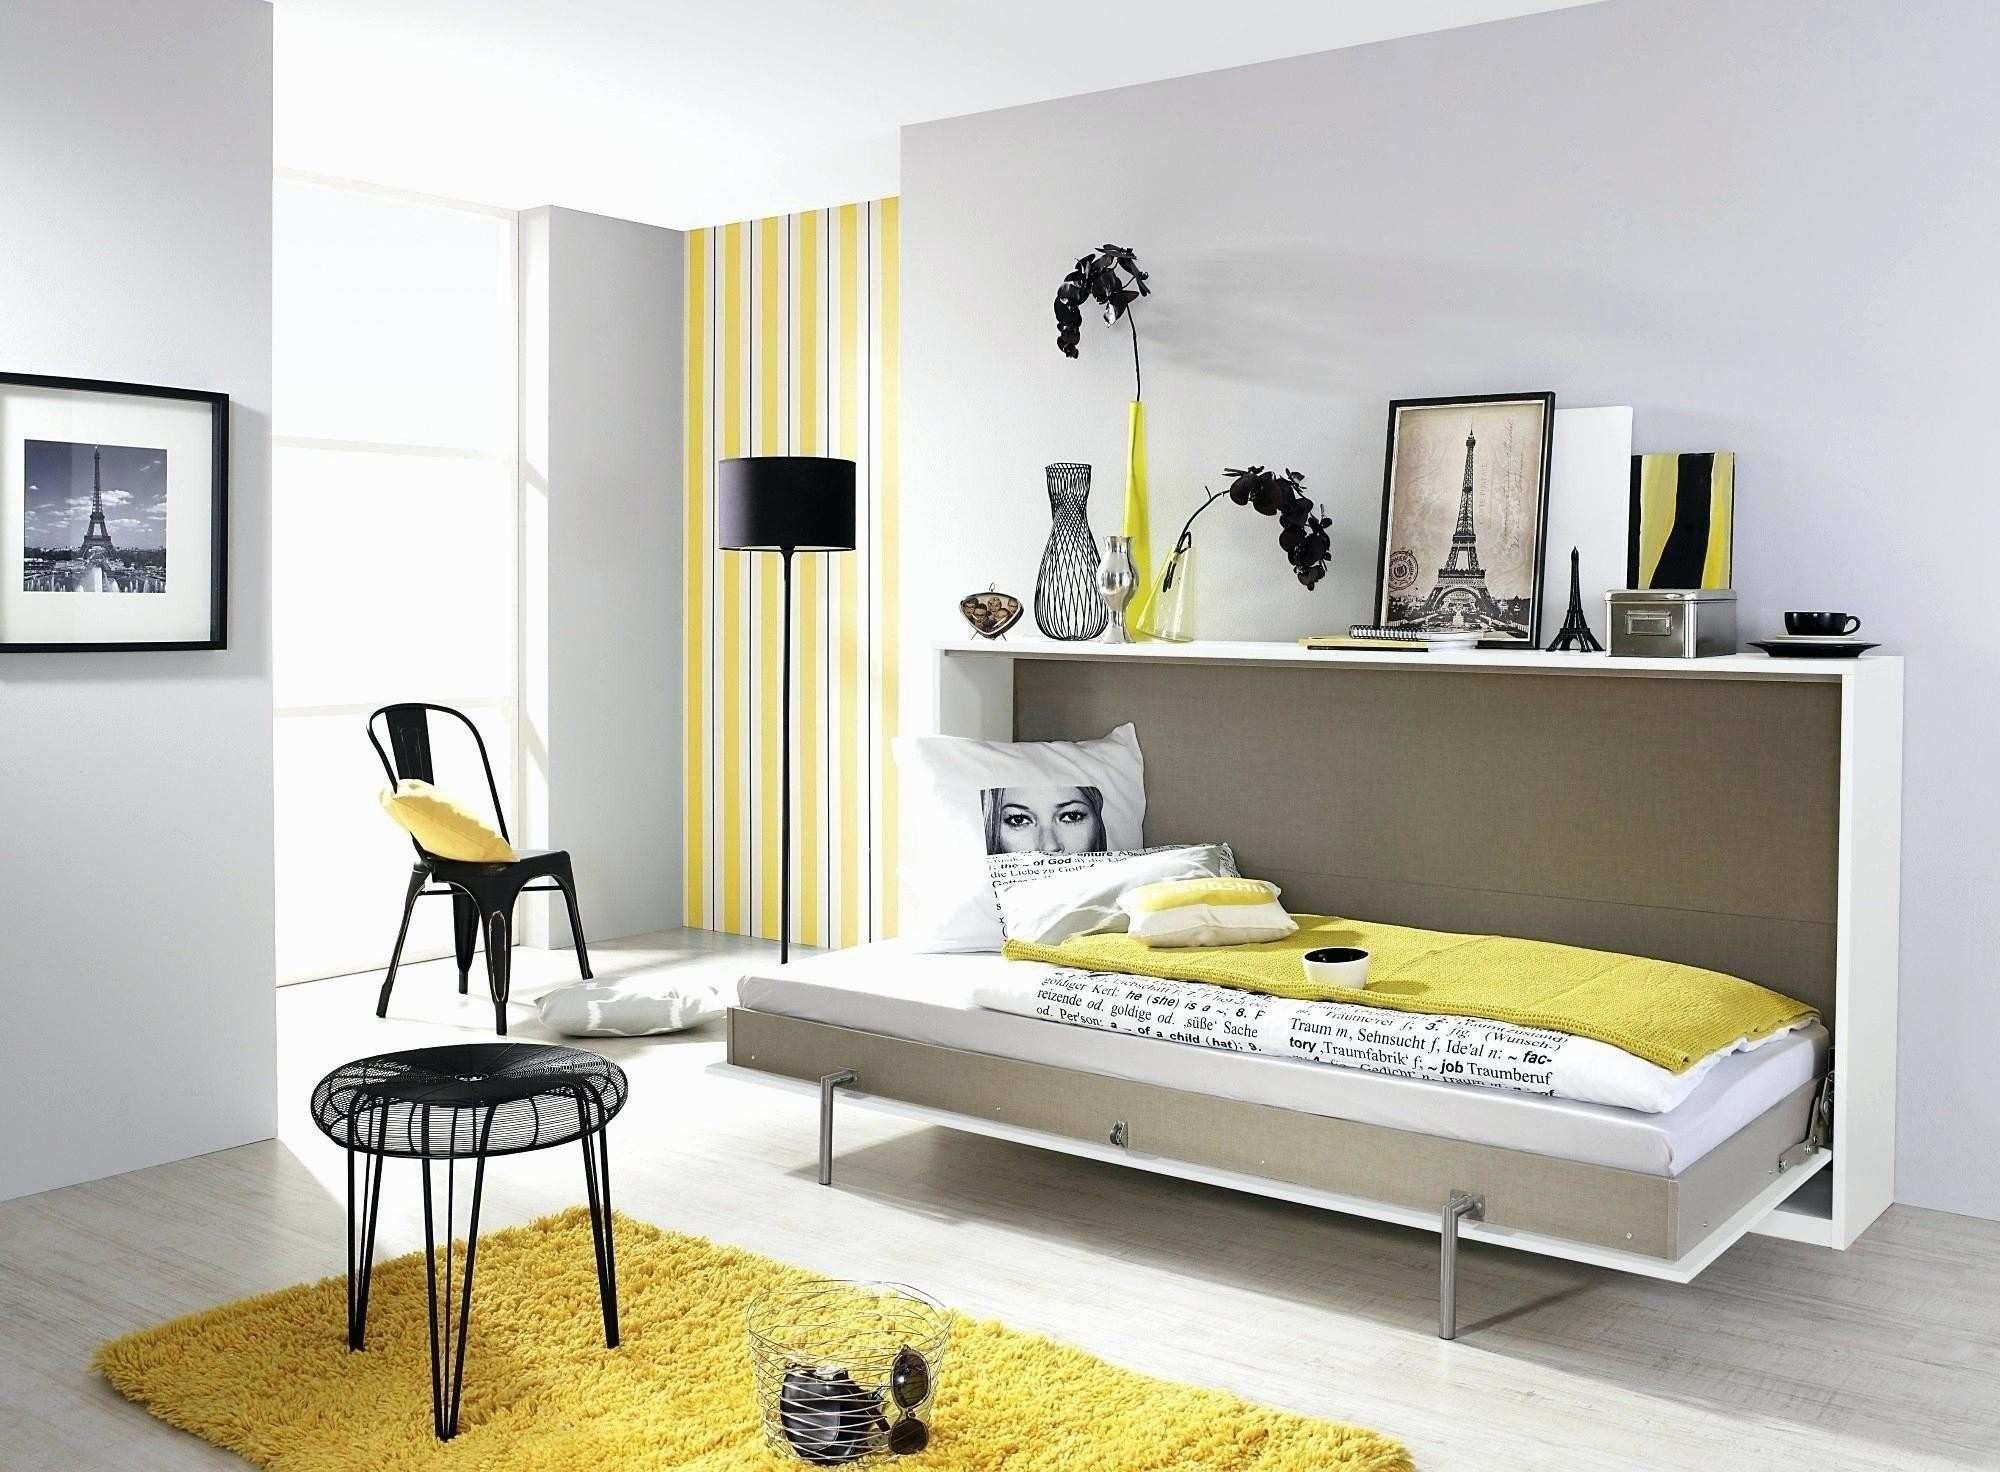 Lit Mural Ikea Le Luxe Belle Lit Armoire Escamotable Ikea Sur Lit Convertible 2 Places Ikea